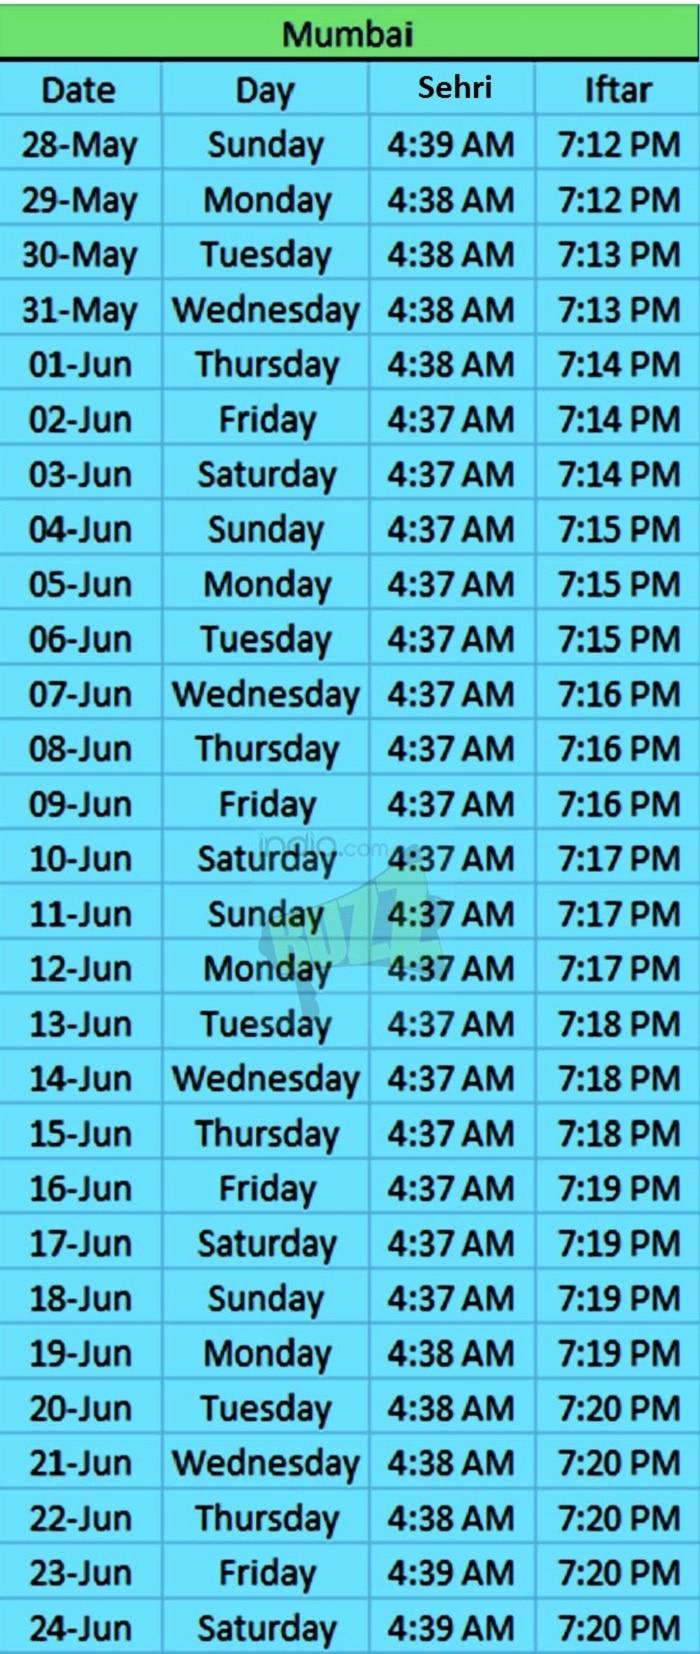 ramadan timing mumbai